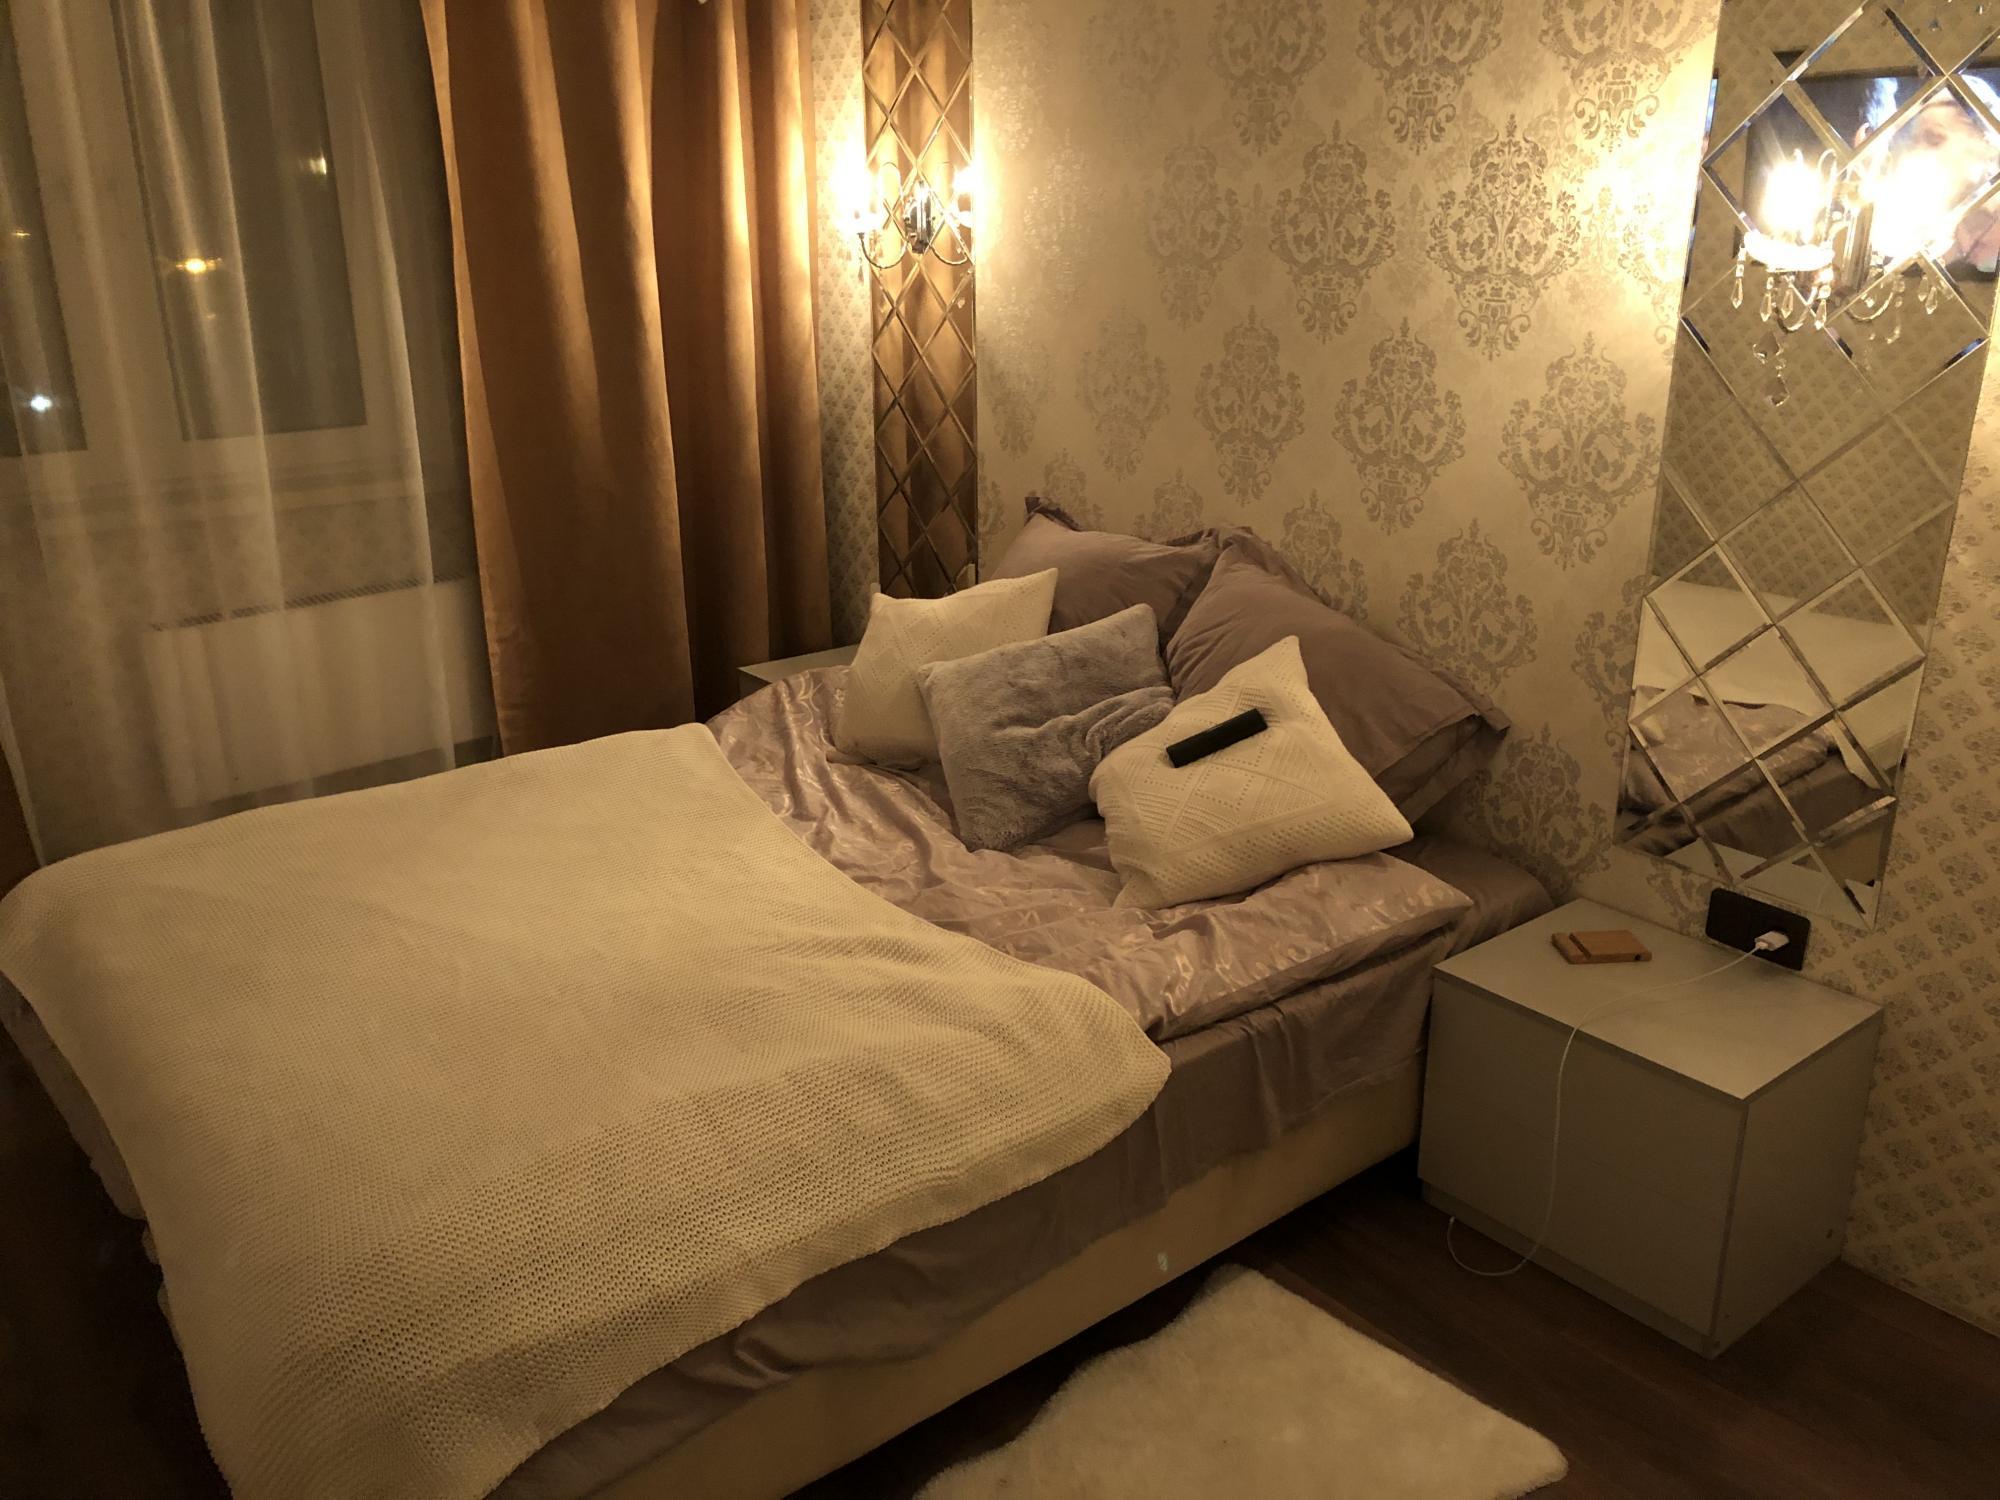 Квартира, 3 комнаты, 84 м² в Троицке 89671215191 купить 2